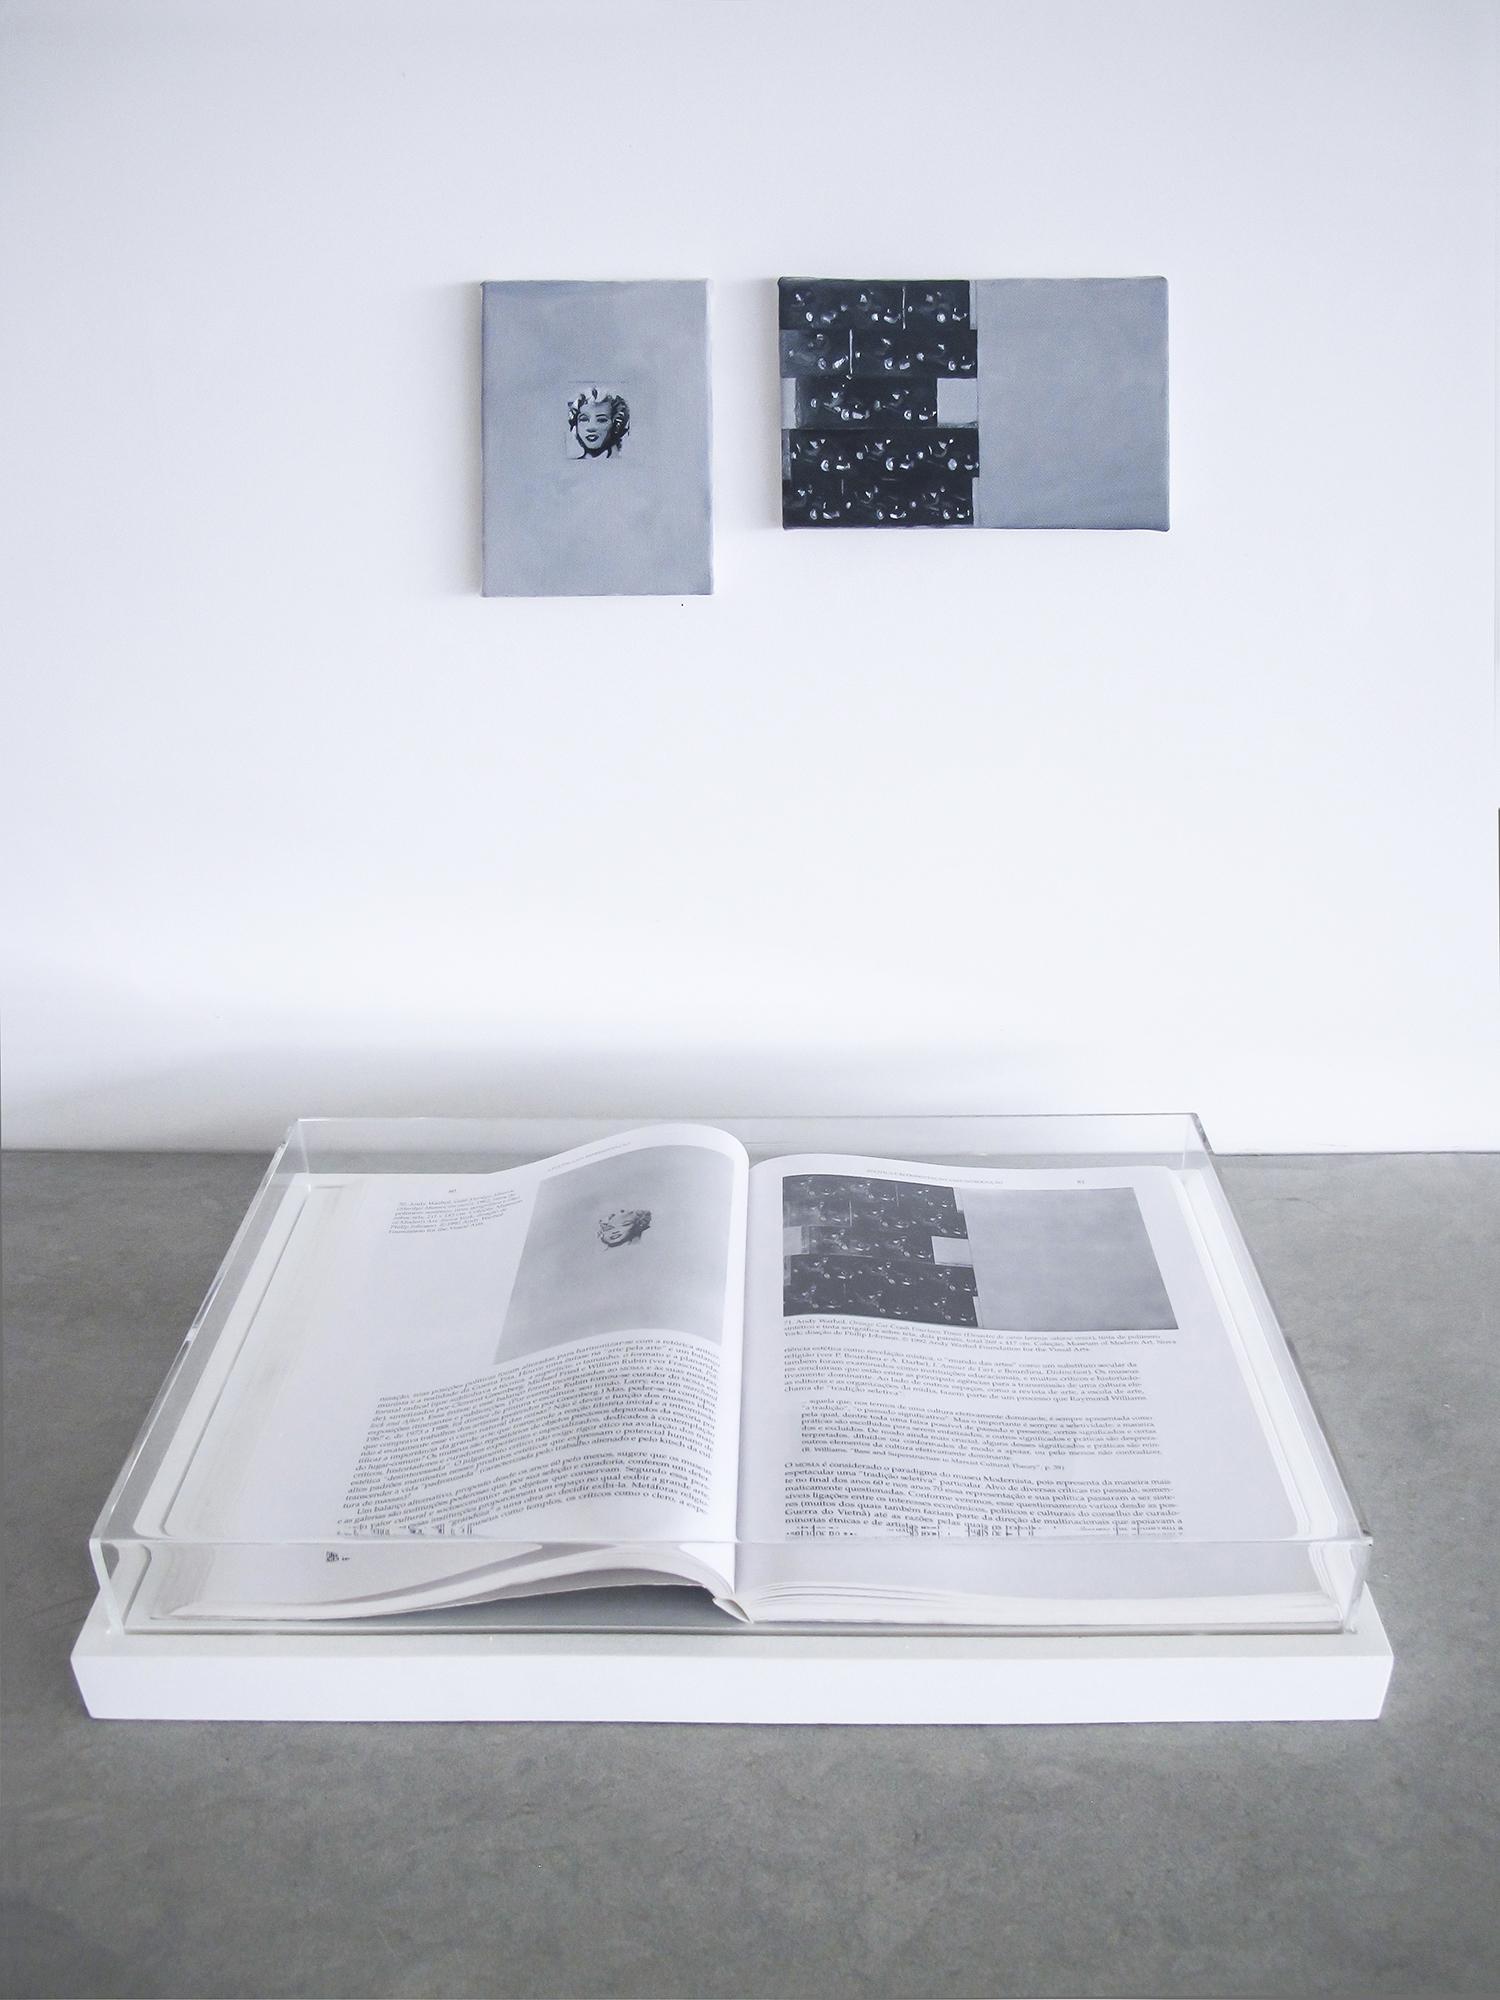 Páginas 80 e 81 (série  Foi    Assim  Q  ue  M  e    Ensinaram  ) •  2013 •  Livro emoldurado, óleo sobre tela •  29 x 43 cm (livro), 13 x 9 cm, 10 x 15,5 cm